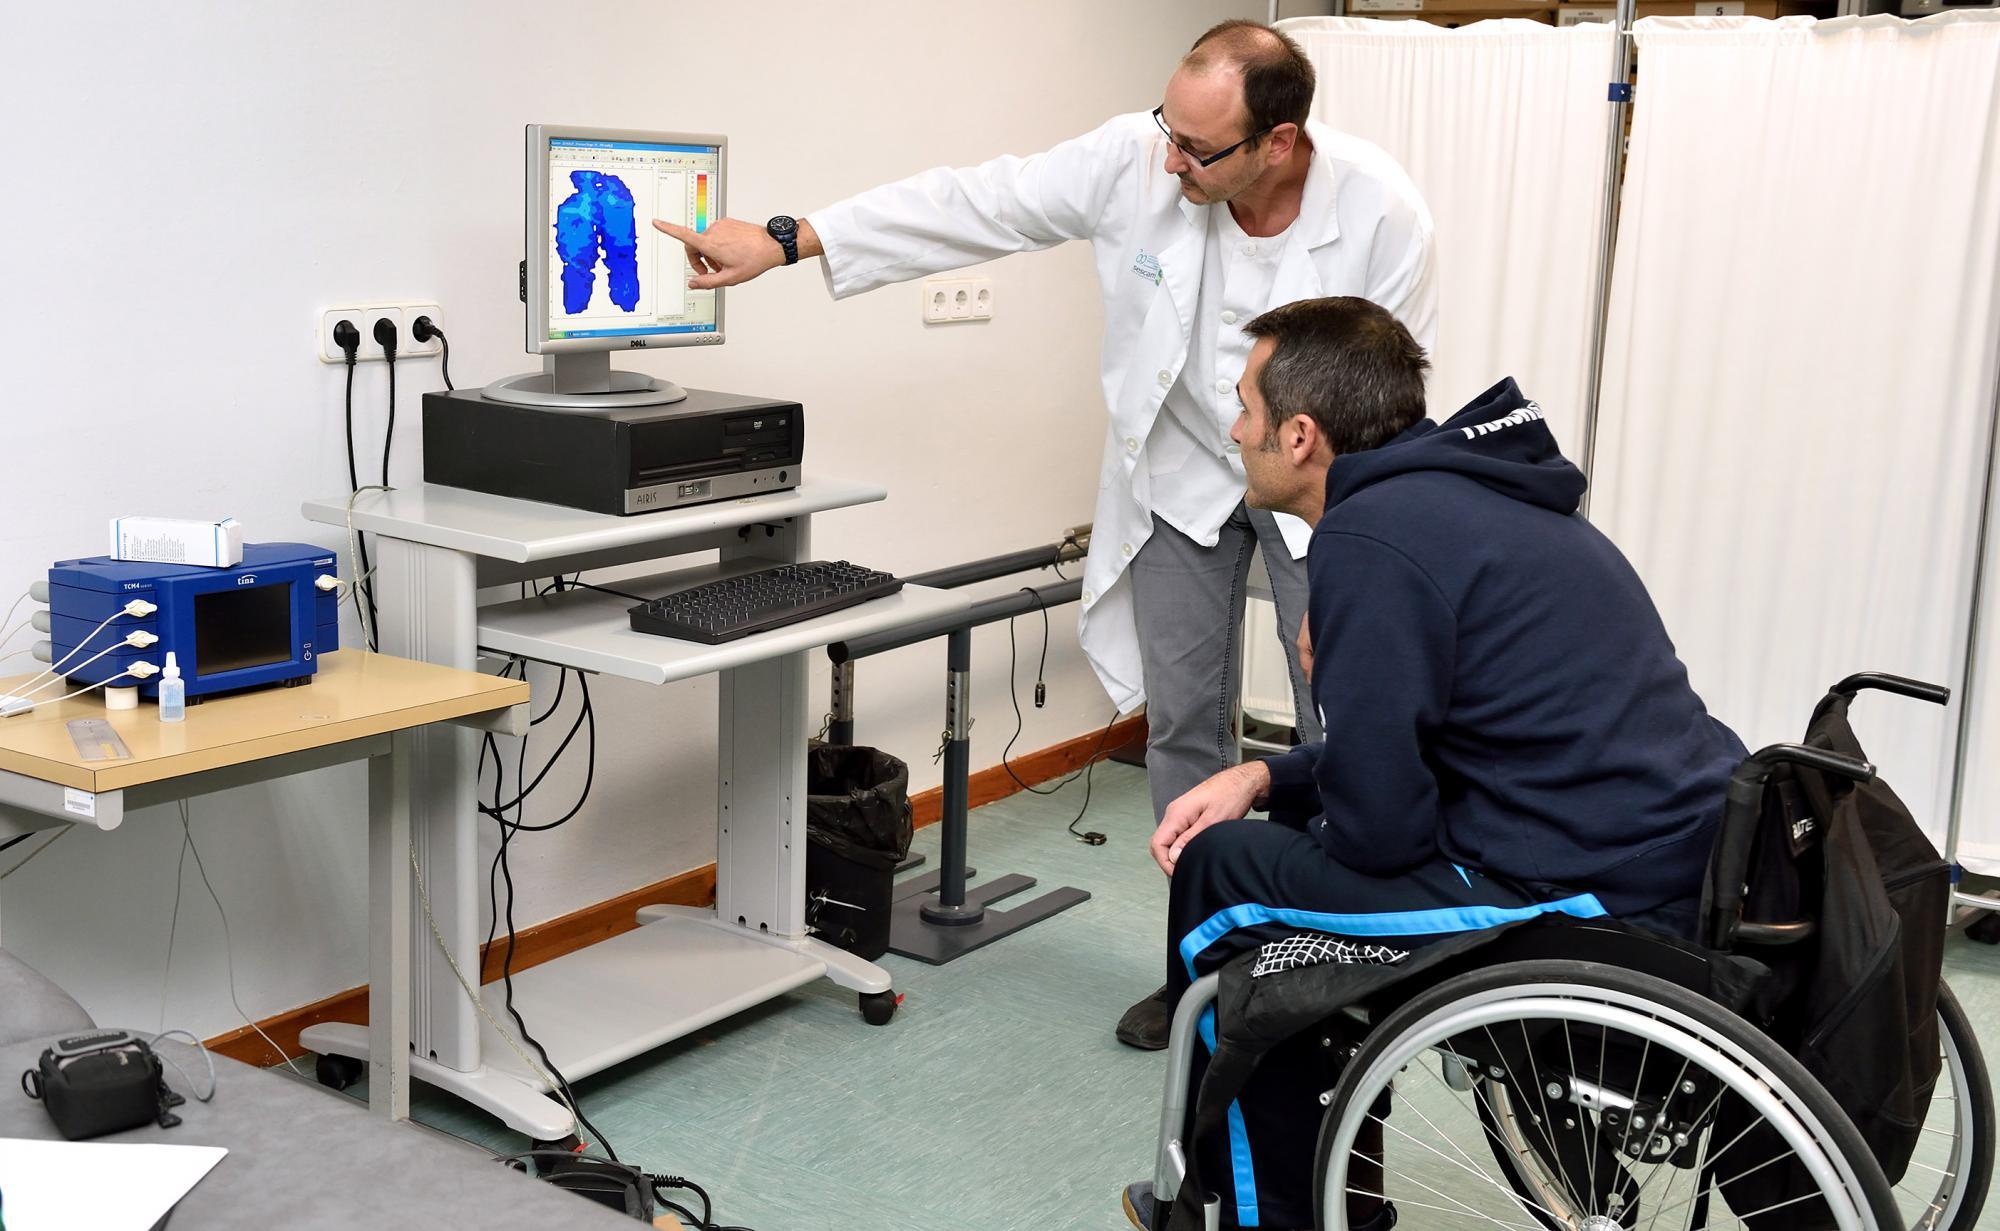 Un sistema que analiza presiones permite a lesionados medulares elegir el mejor cojín para prevenir úlceras